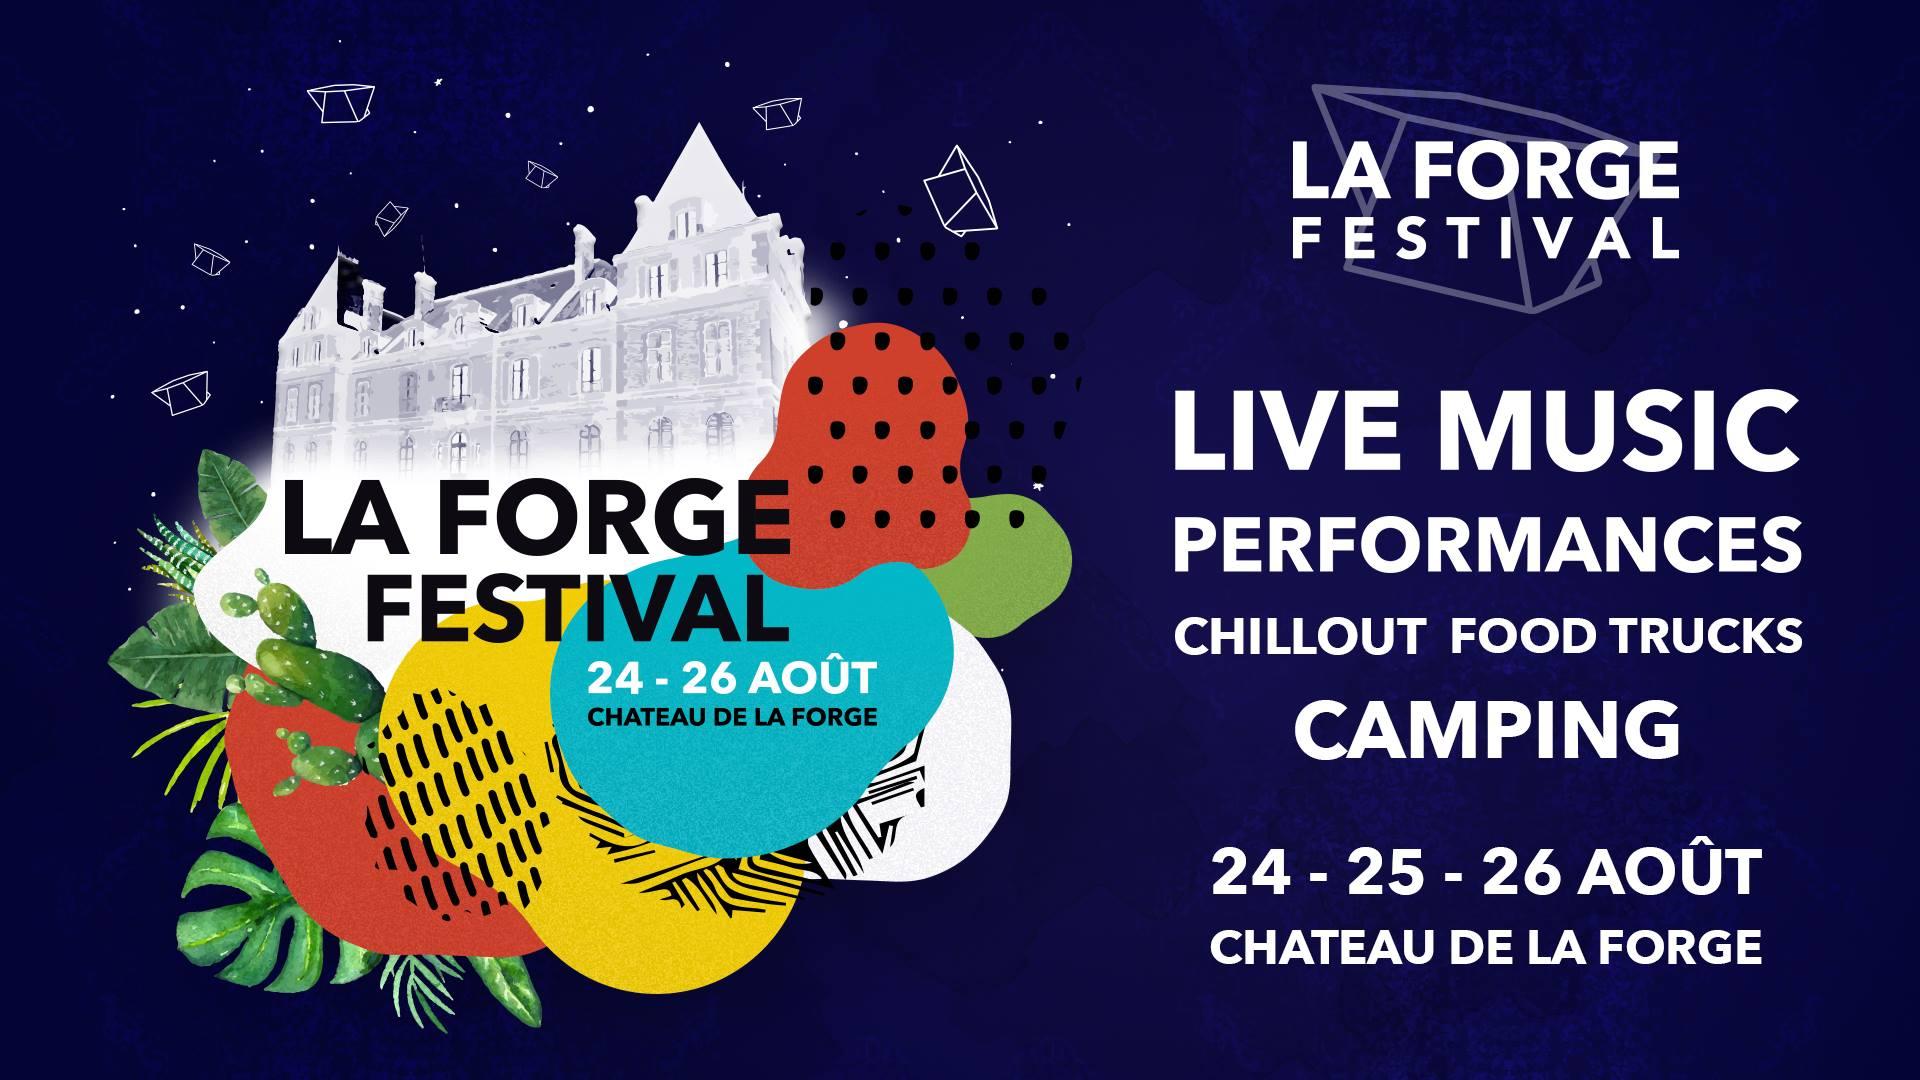 9. La Forge Festival #2